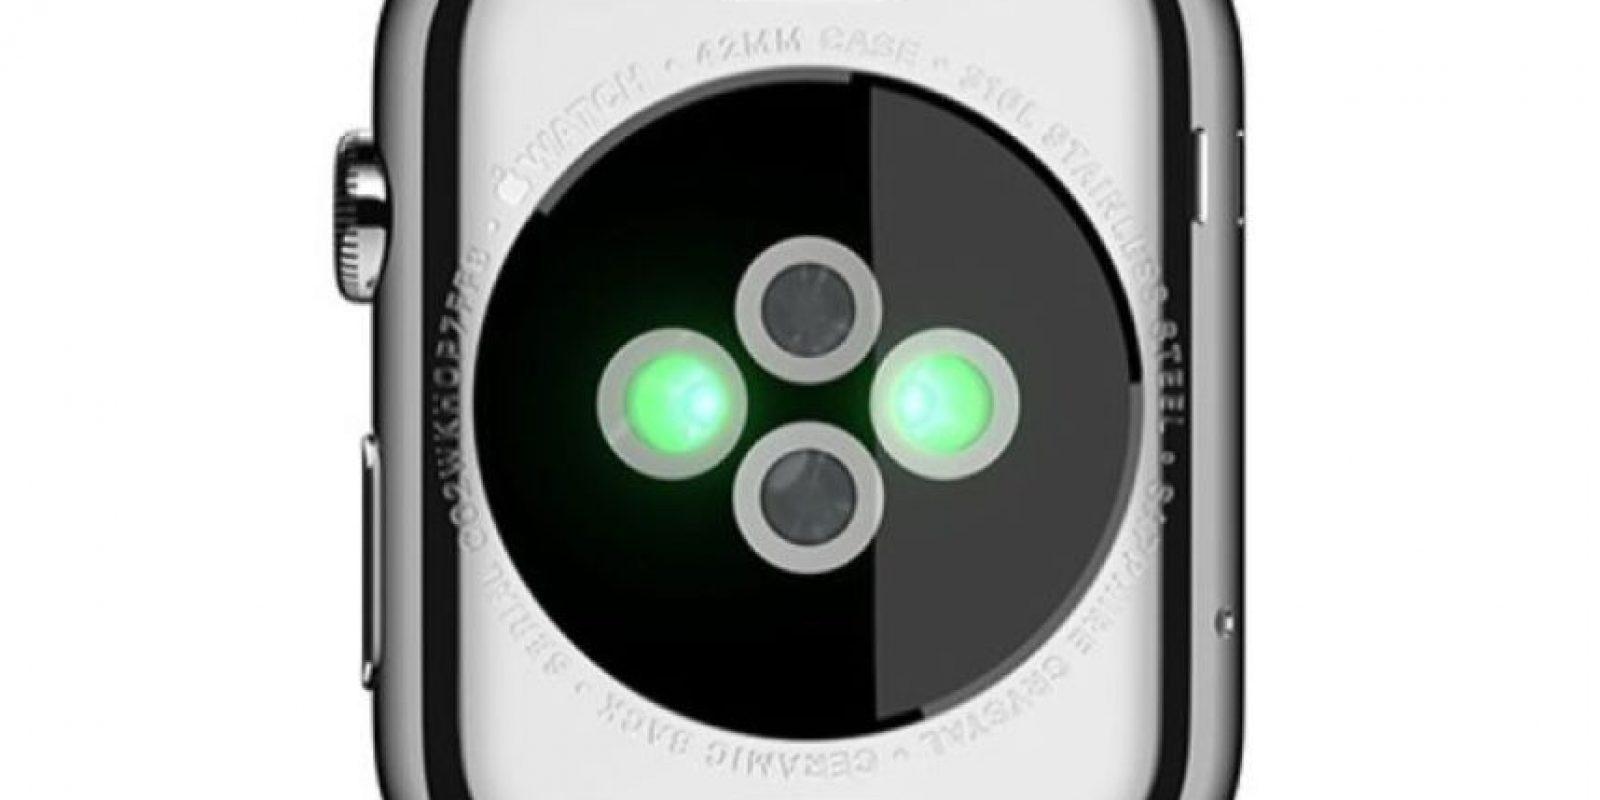 Los sensores de acelerómetro, giroscopio, entre otros, tienen un costo de tres dólares. Foto:Apple